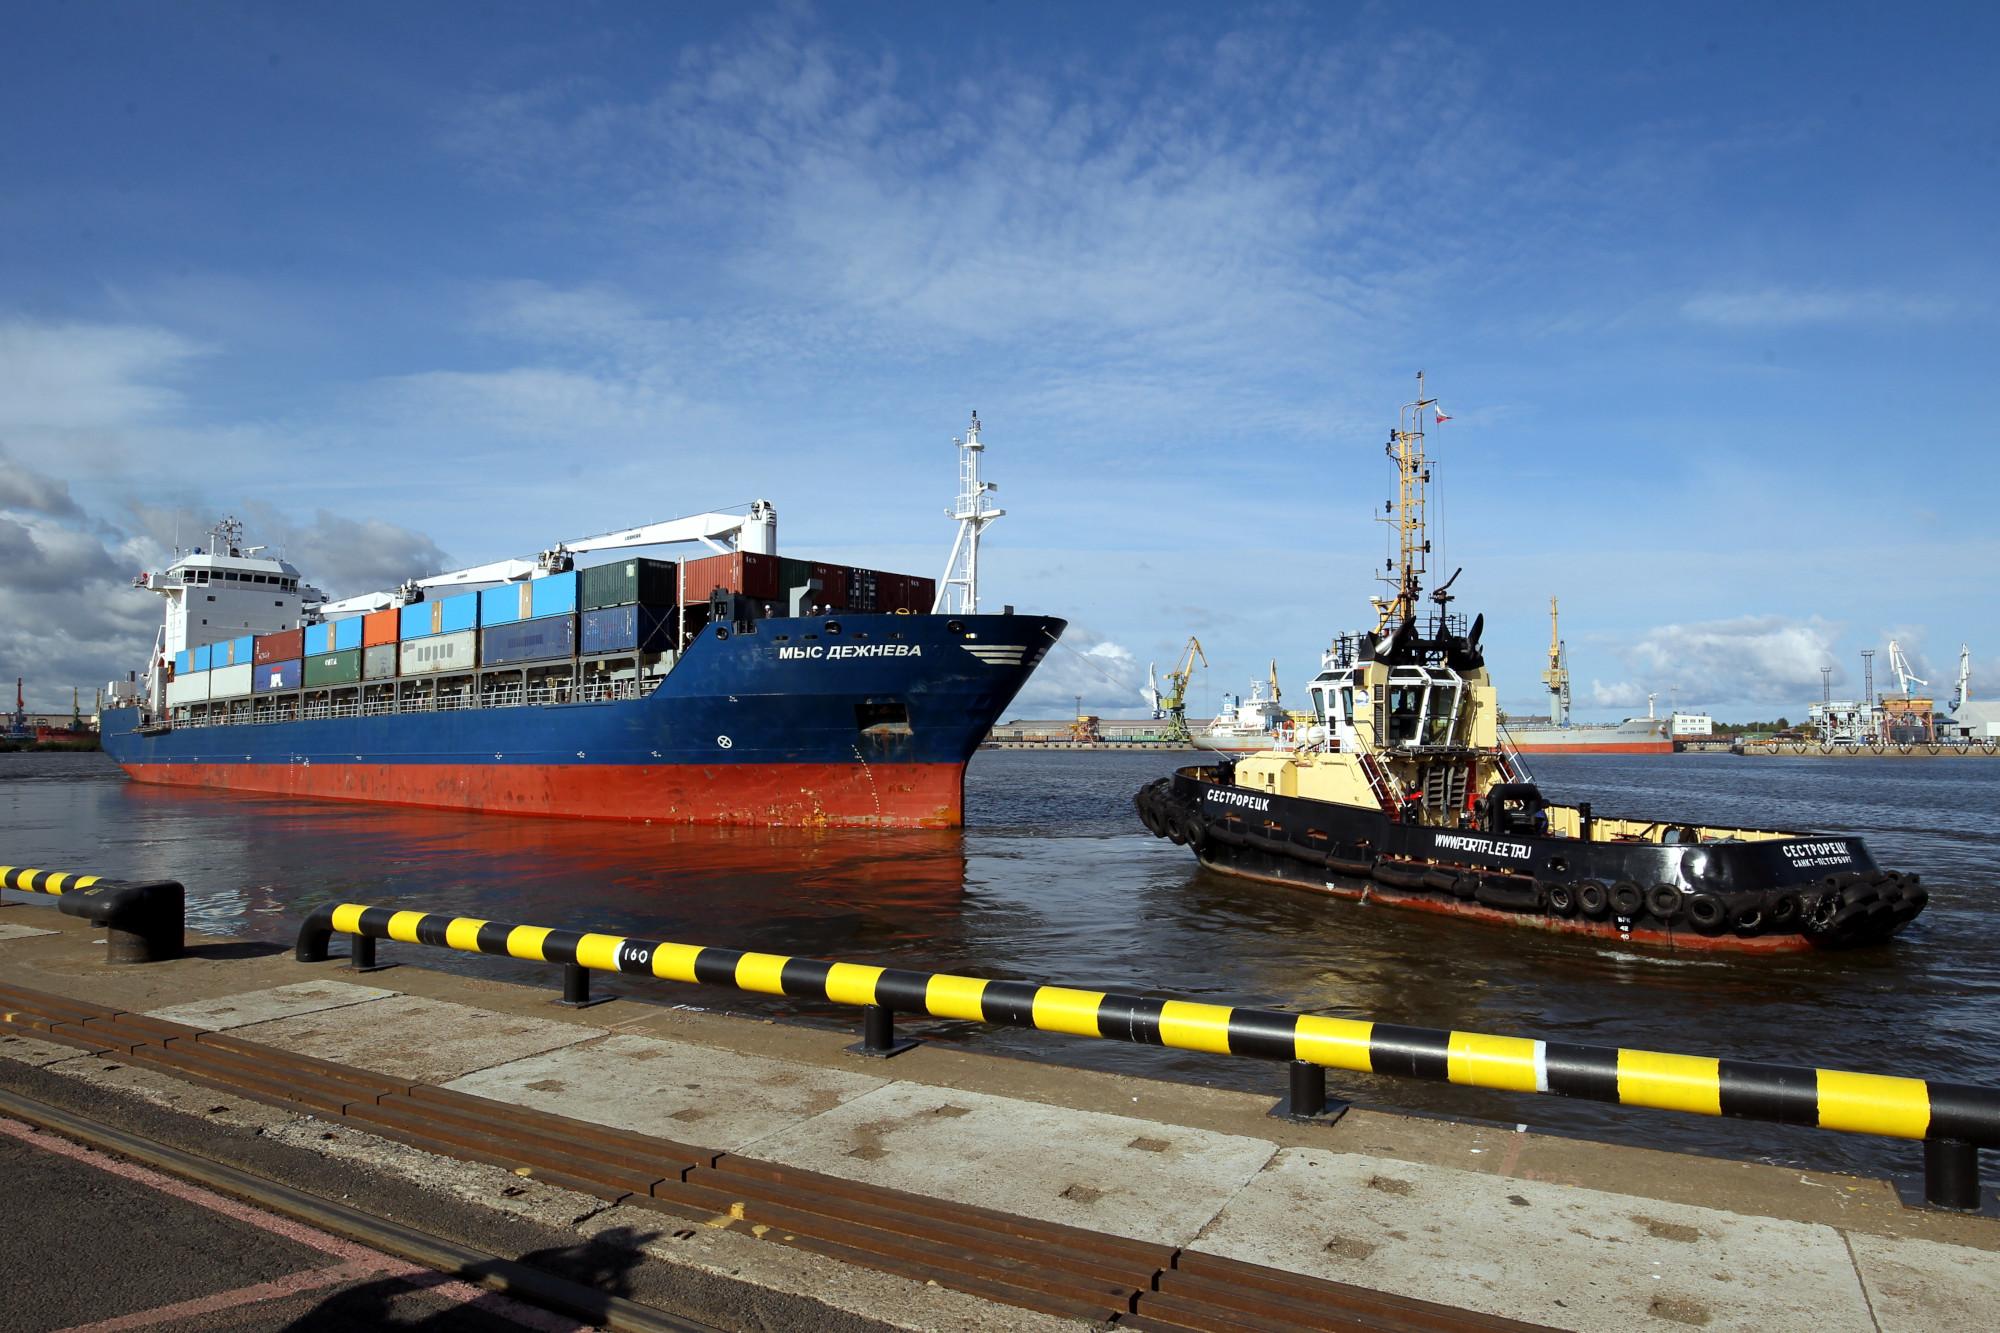 петербургский лесной порт, морской порт, грузоперевозки, суда, судоходство, контейнеровоз Мыс Дежнёва